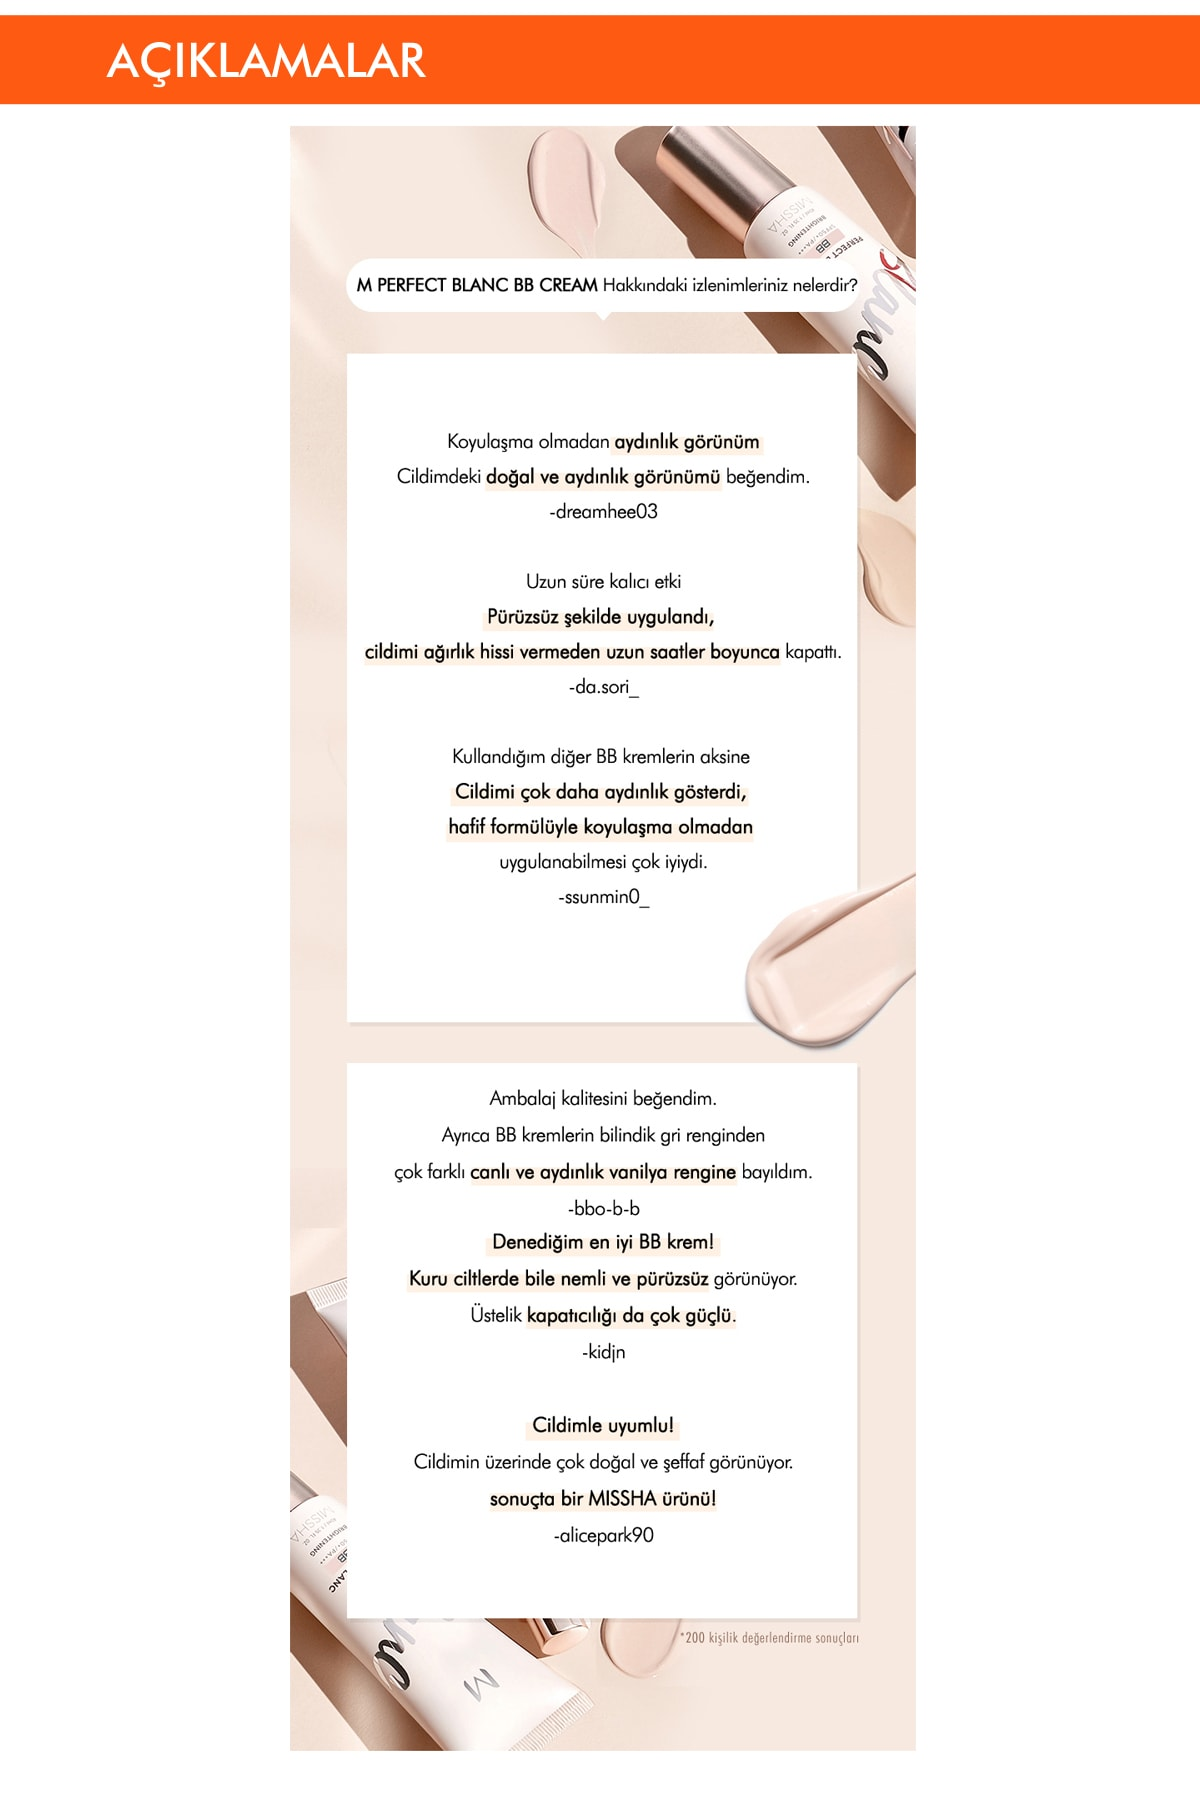 Missha Ton Eşitleyen Aydınlatıcı BB Krem Seti 40ml+1pcs M Perfect Blanc BB Special Gift Set (Vanilla/No.23) 4